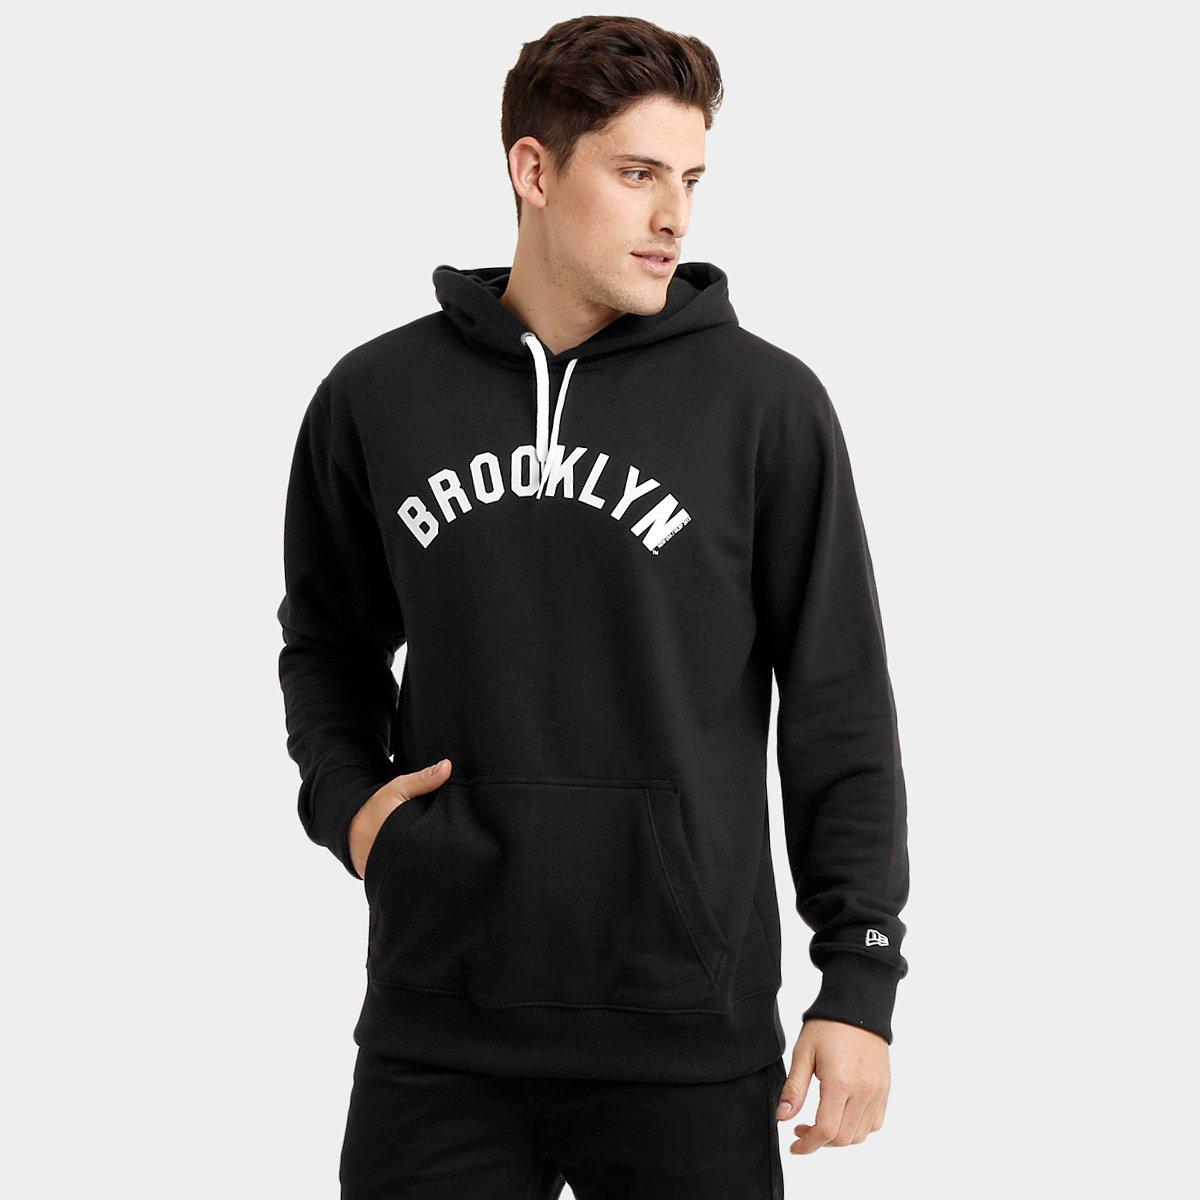 Moletom New Era MLB Brooklin - Compre Agora  7827a10515a